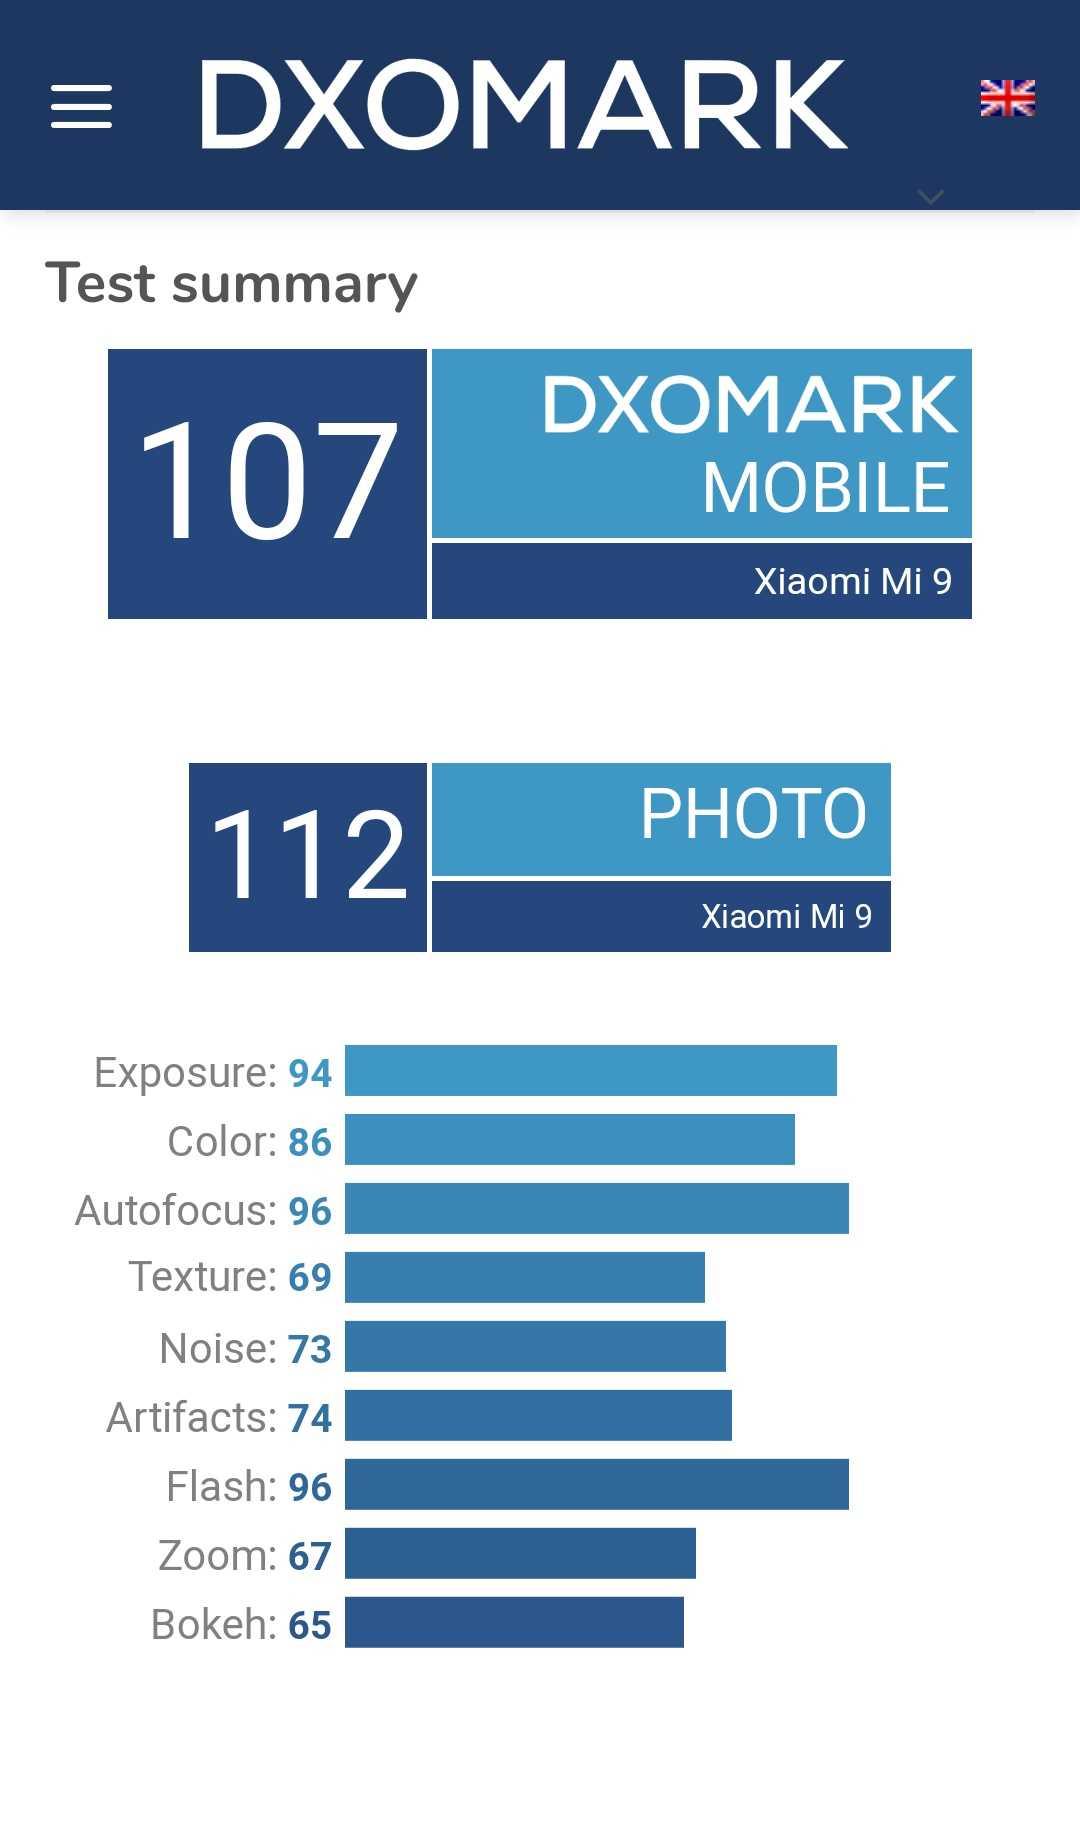 Производительный камерофон с хорошей автономностью до 40 тыс. рублей - stevsky.ru - обзоры смартфонов, игры на андроид и на пк